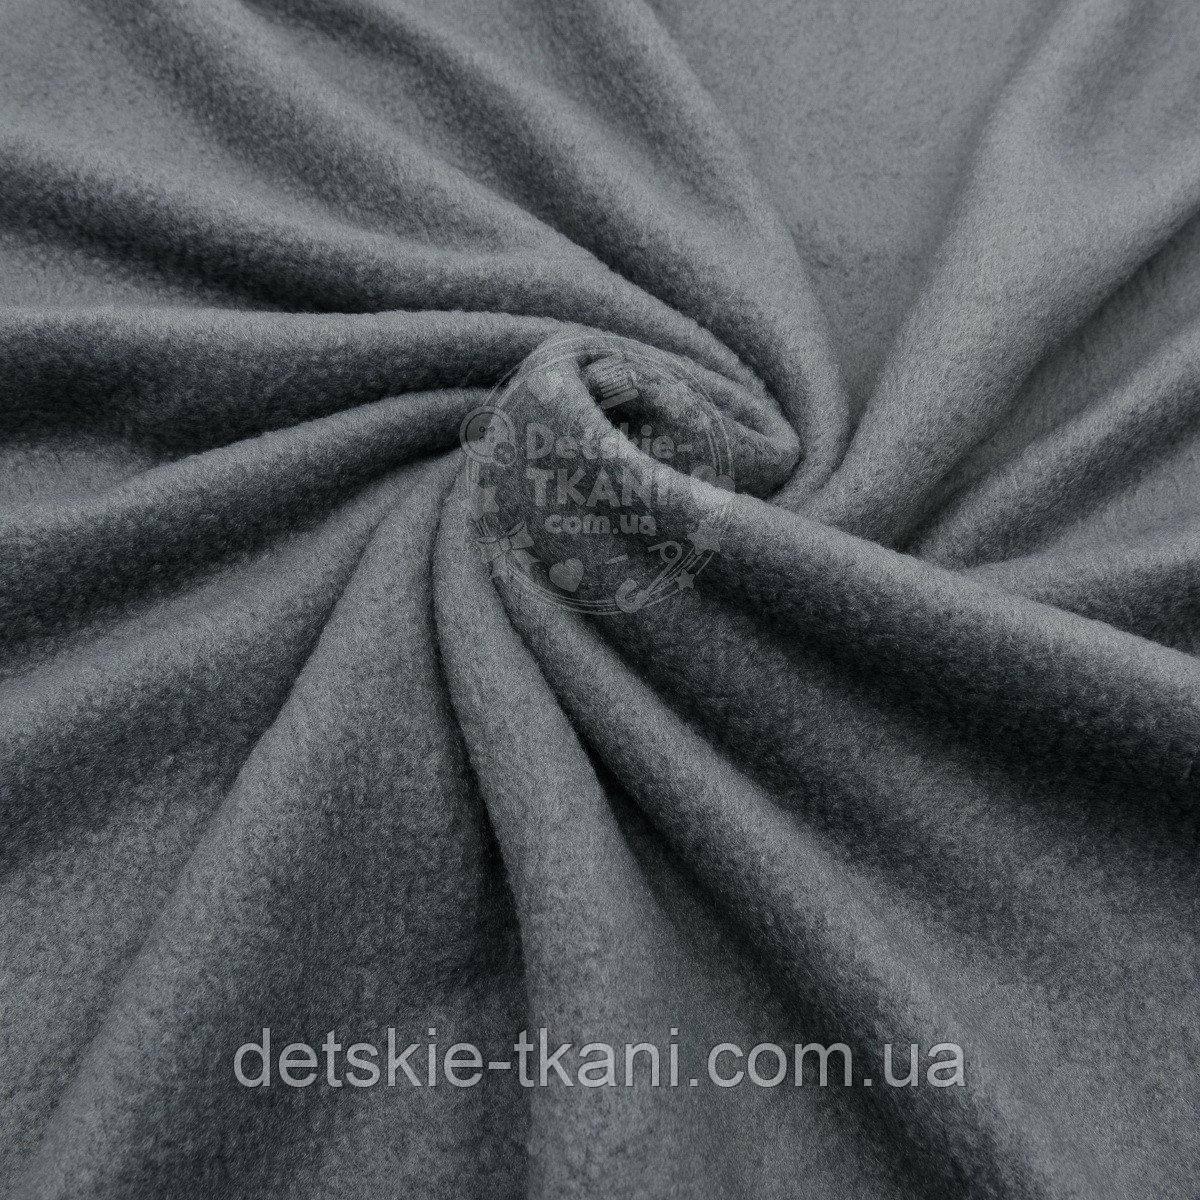 Лоскут флиса однотонного серого цвета, размер 25*160 см